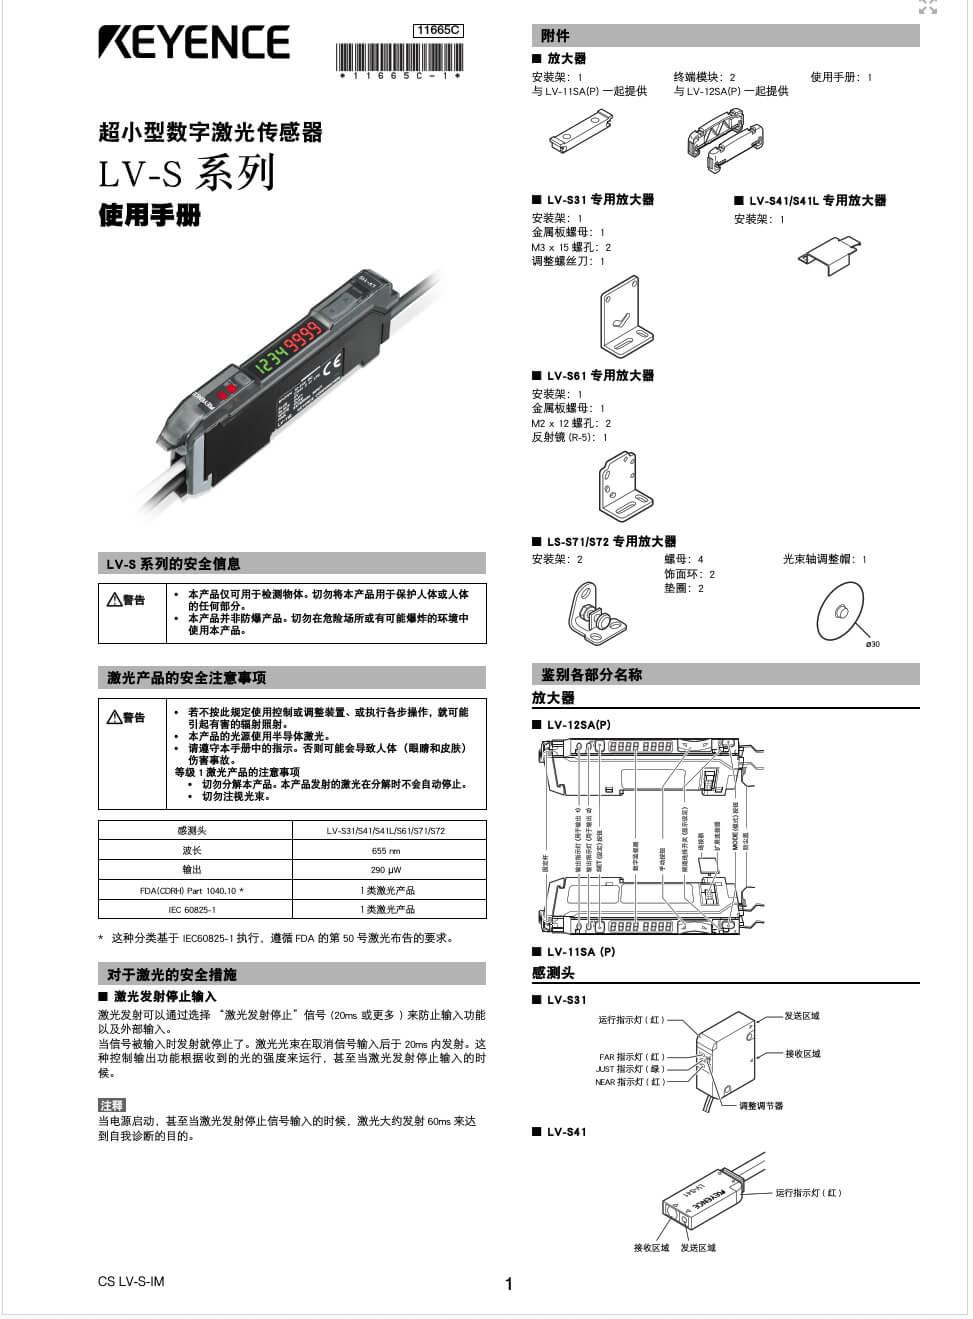 基恩士系列激光传感器规格书